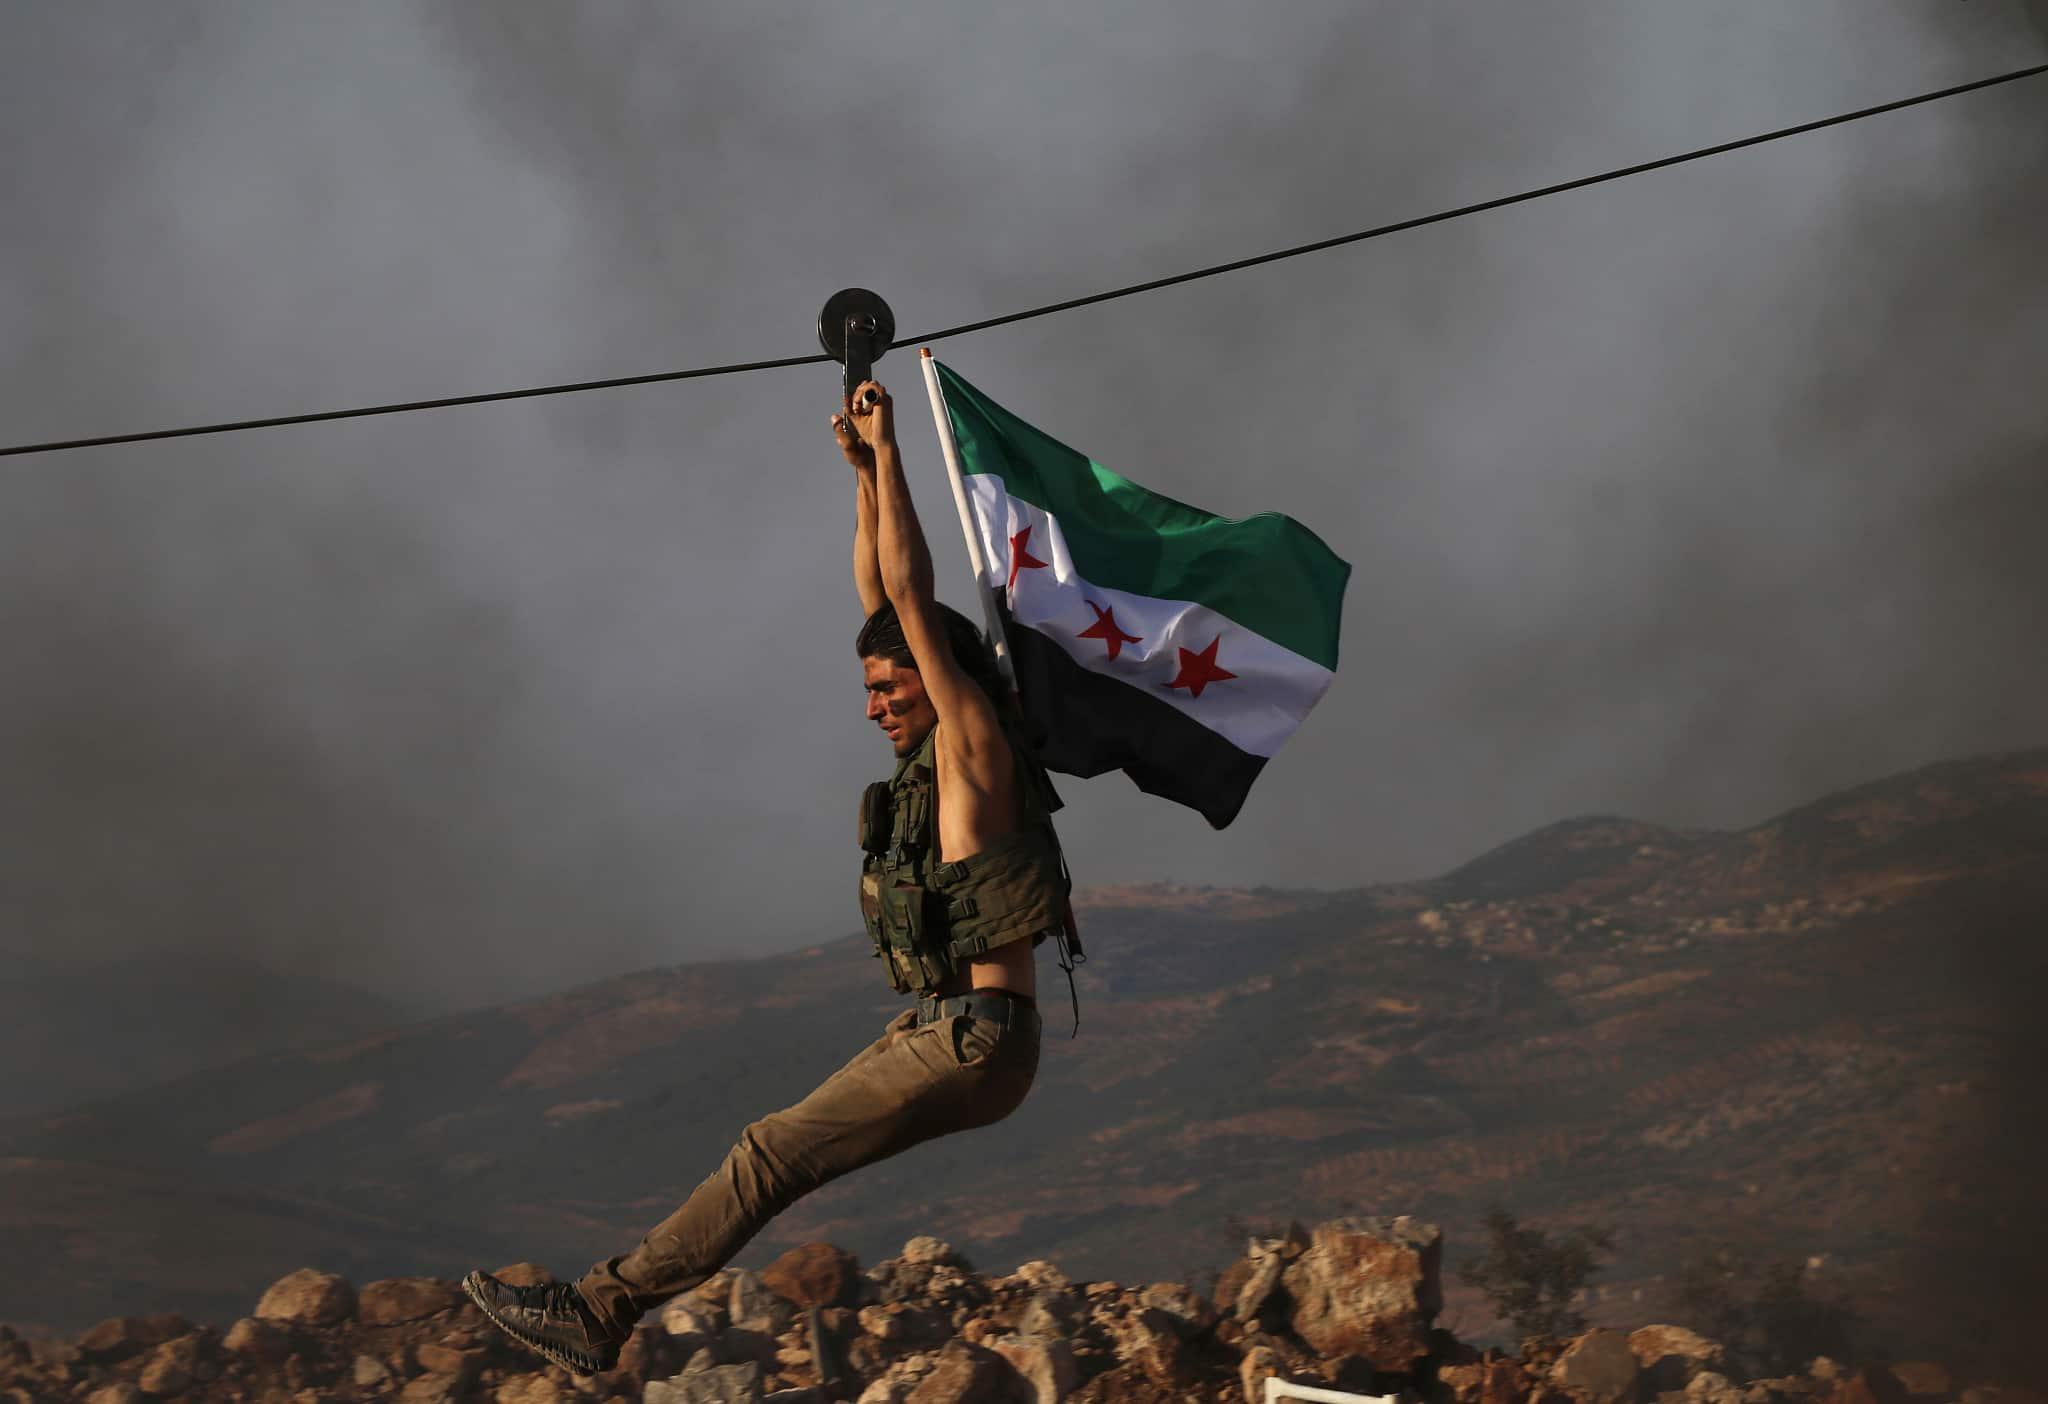 לוחם בצבא סוריה החופשית, אשר בתמיכת טורקיה, נושא את דגל הארגון במהלך אימונים בצפון סוריה לקראת הפלישה הטורקית, ב-7 באוקטובר 2019 (צילום: AP Photo)